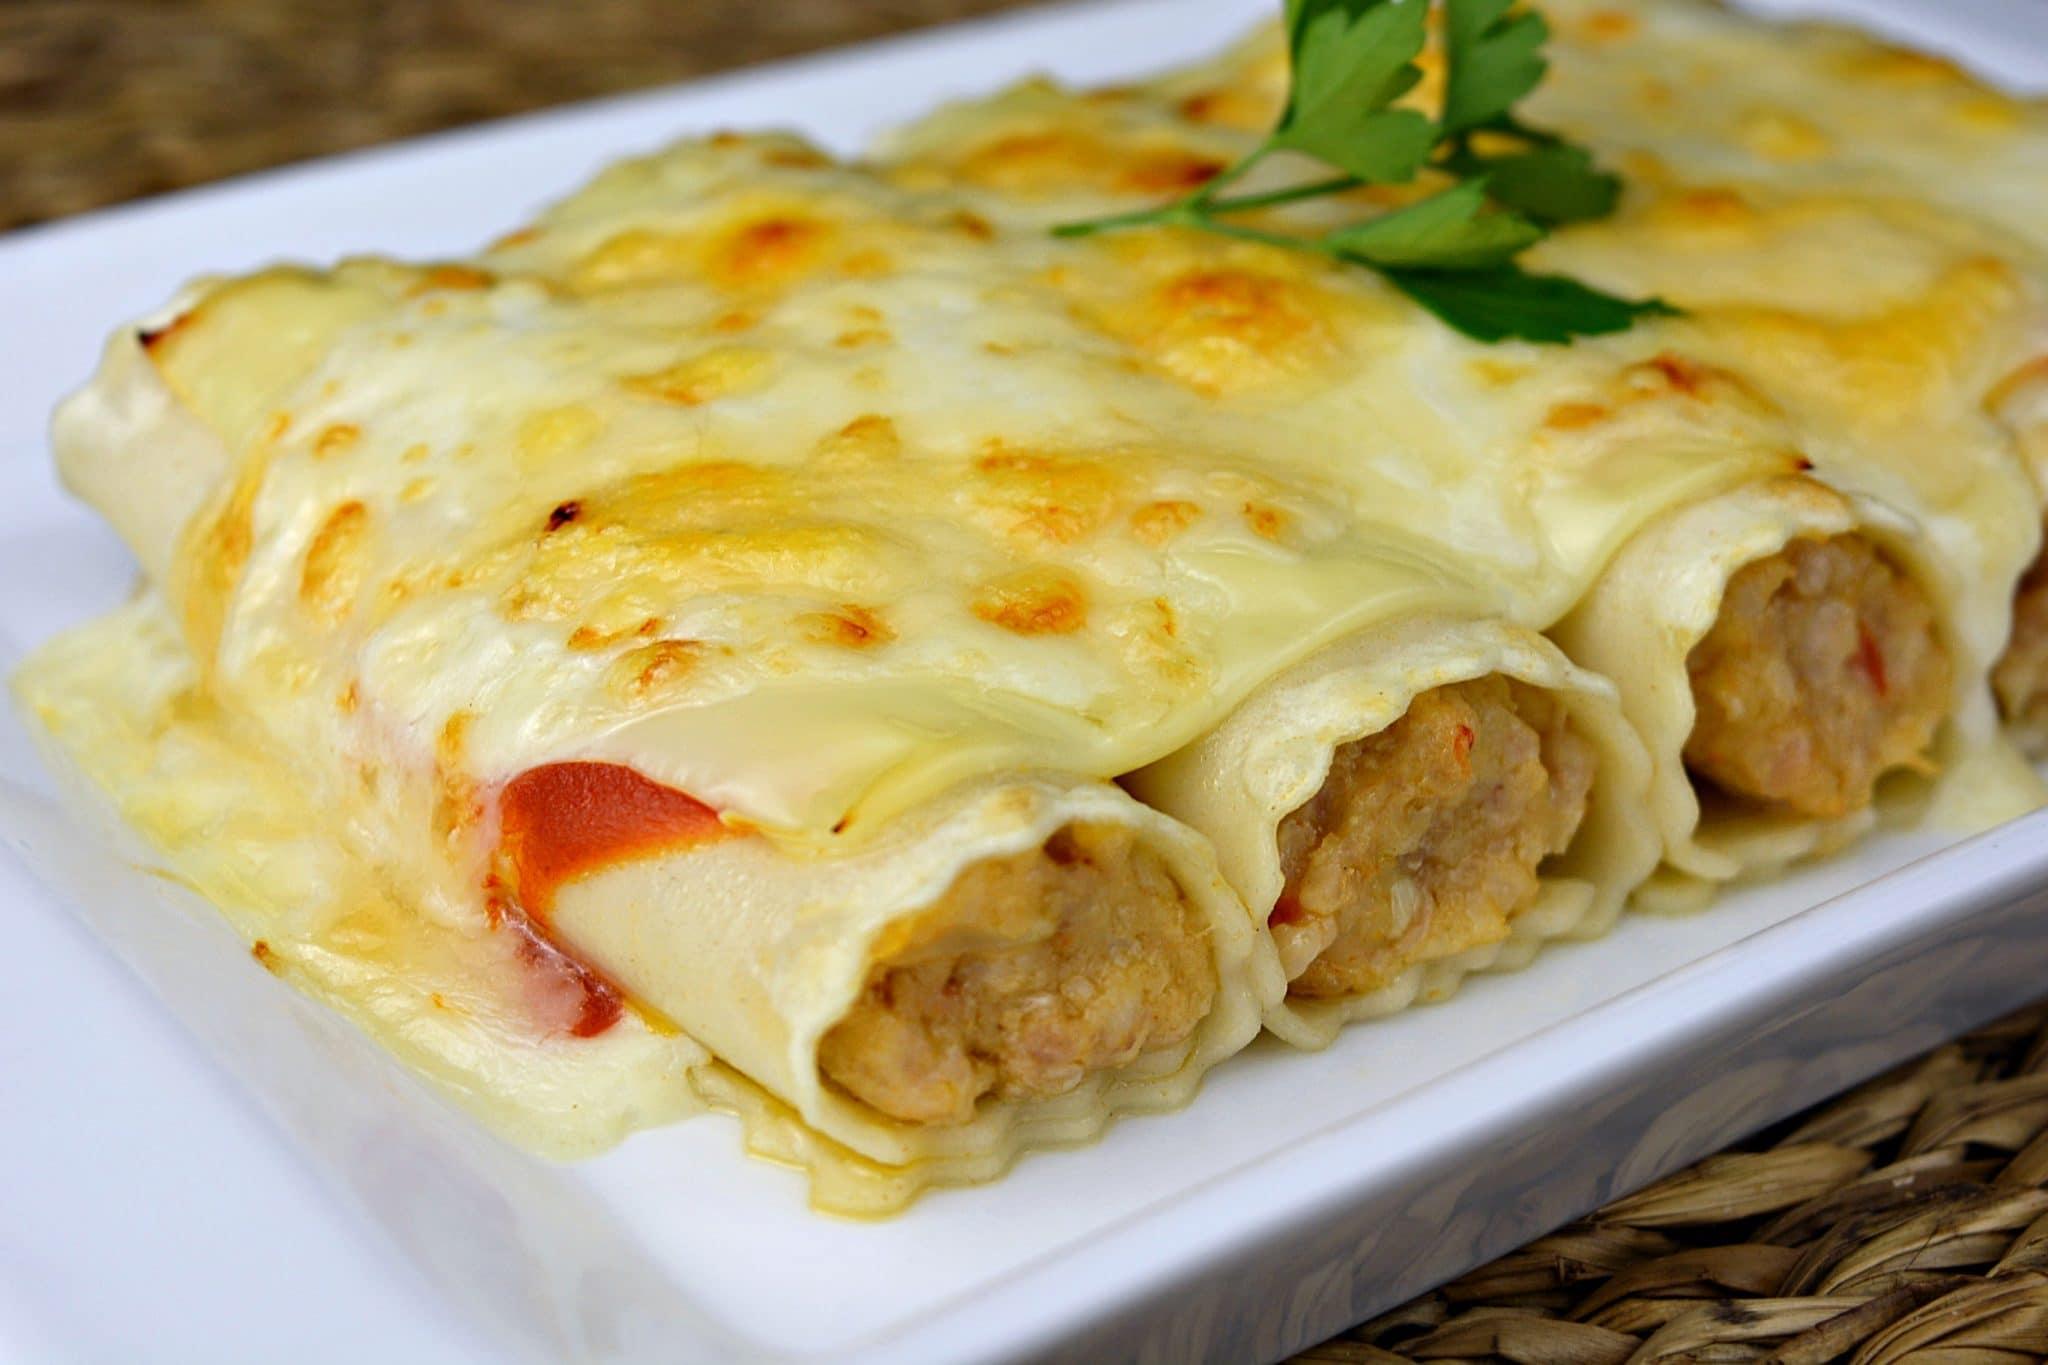 طريقة عمل الكانيلوني بالدجاج بالجبنة الرومي